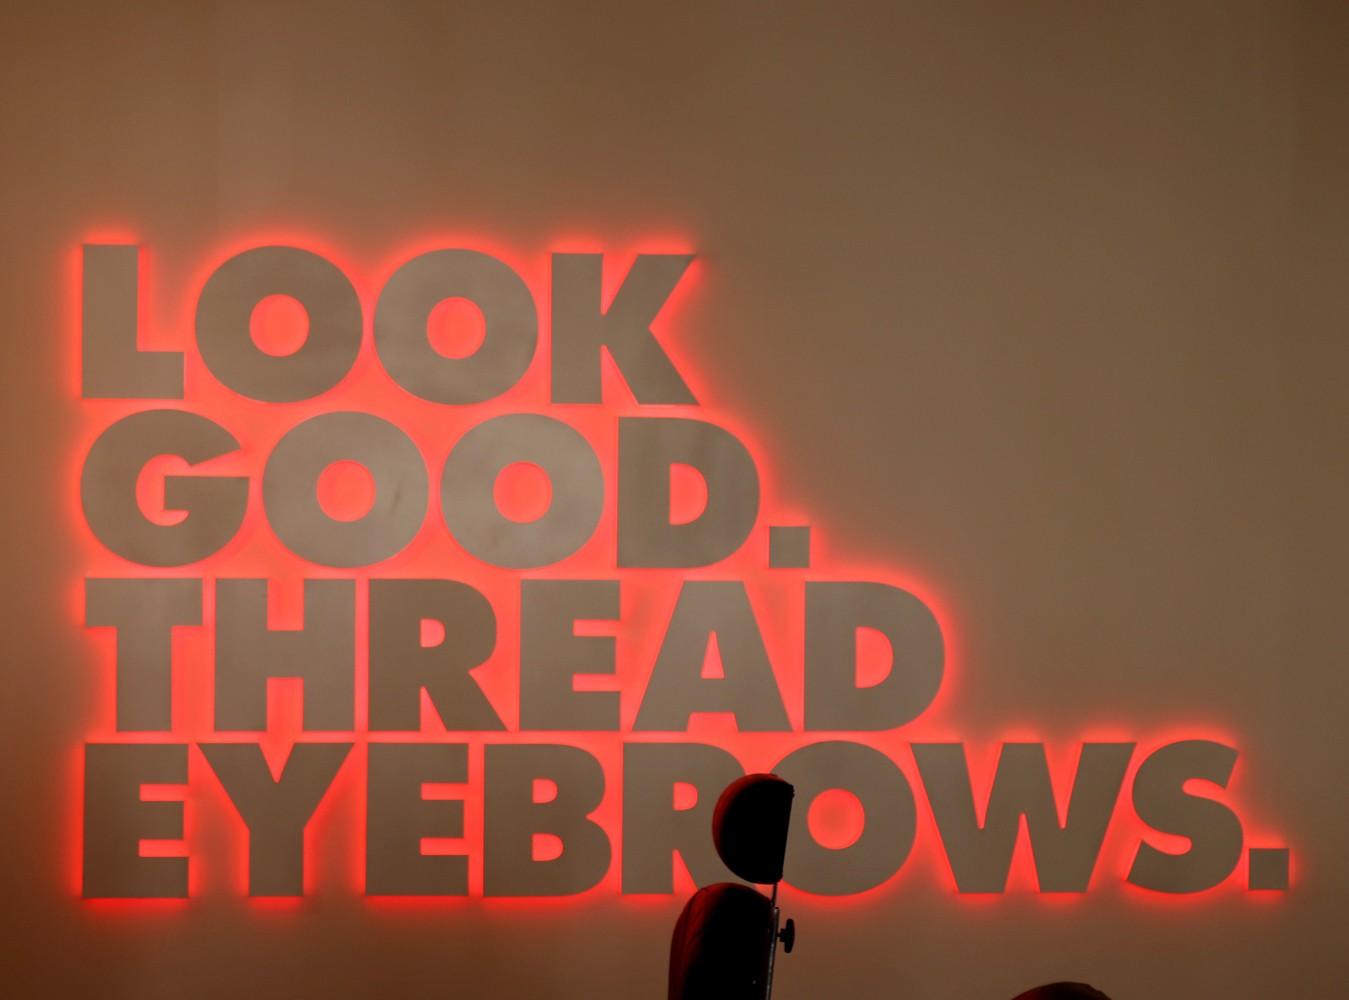 Thread Eyebrows Studio City Los Angeles